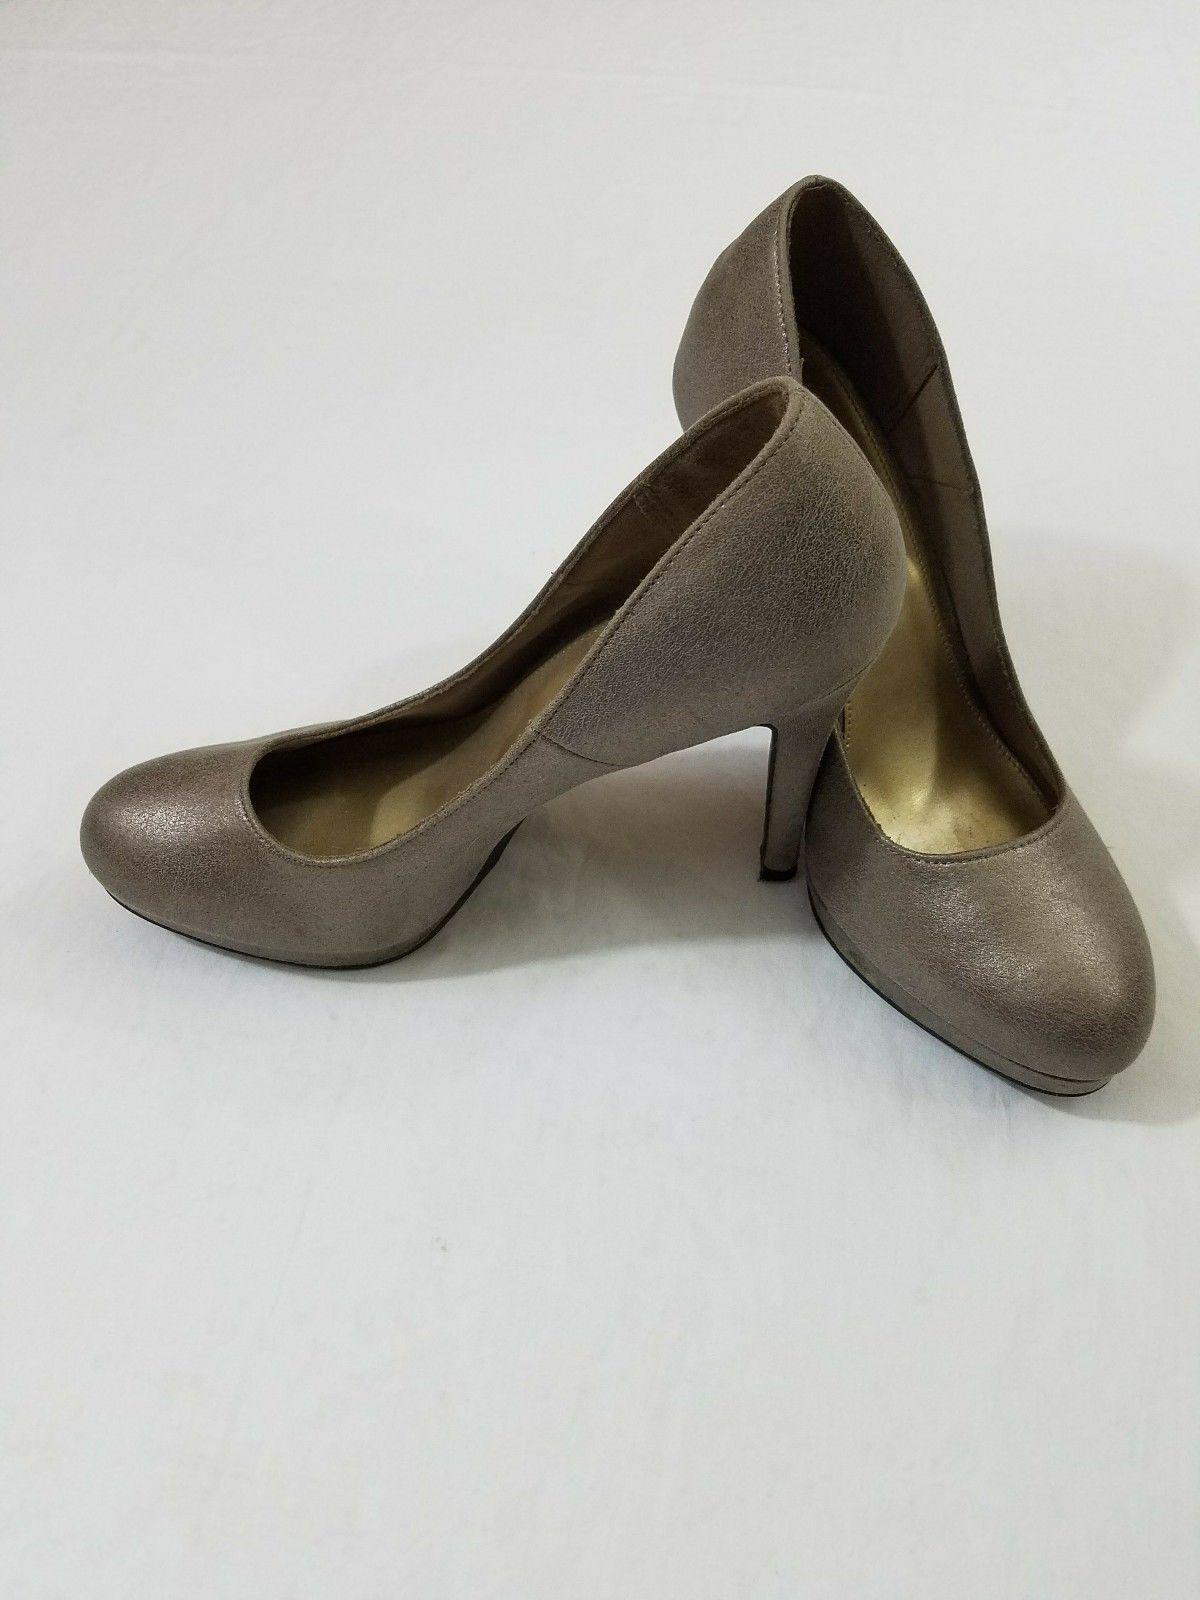 d07fbdf4605 Fioni Womens Shoes Platform Pumps Stilettos and 50 similar items. S l1600